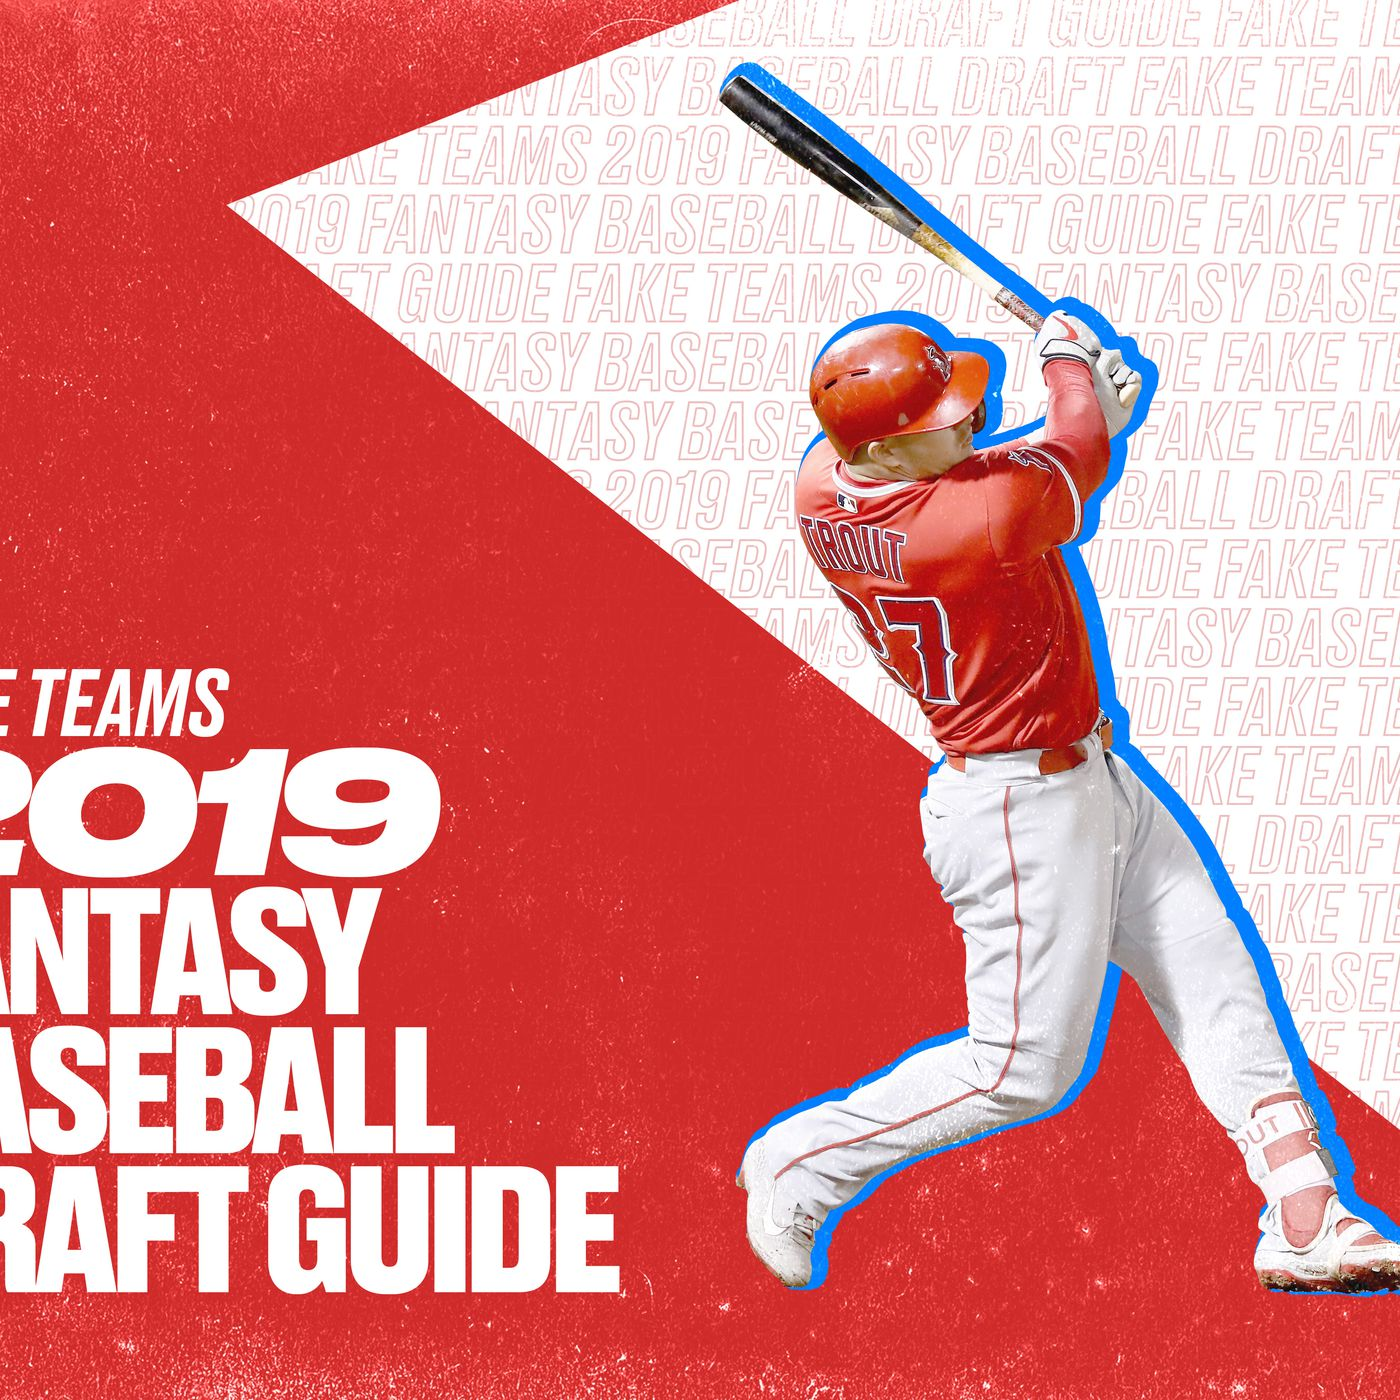 2019 Fantasy Baseball Draft Guide - Fake Teams